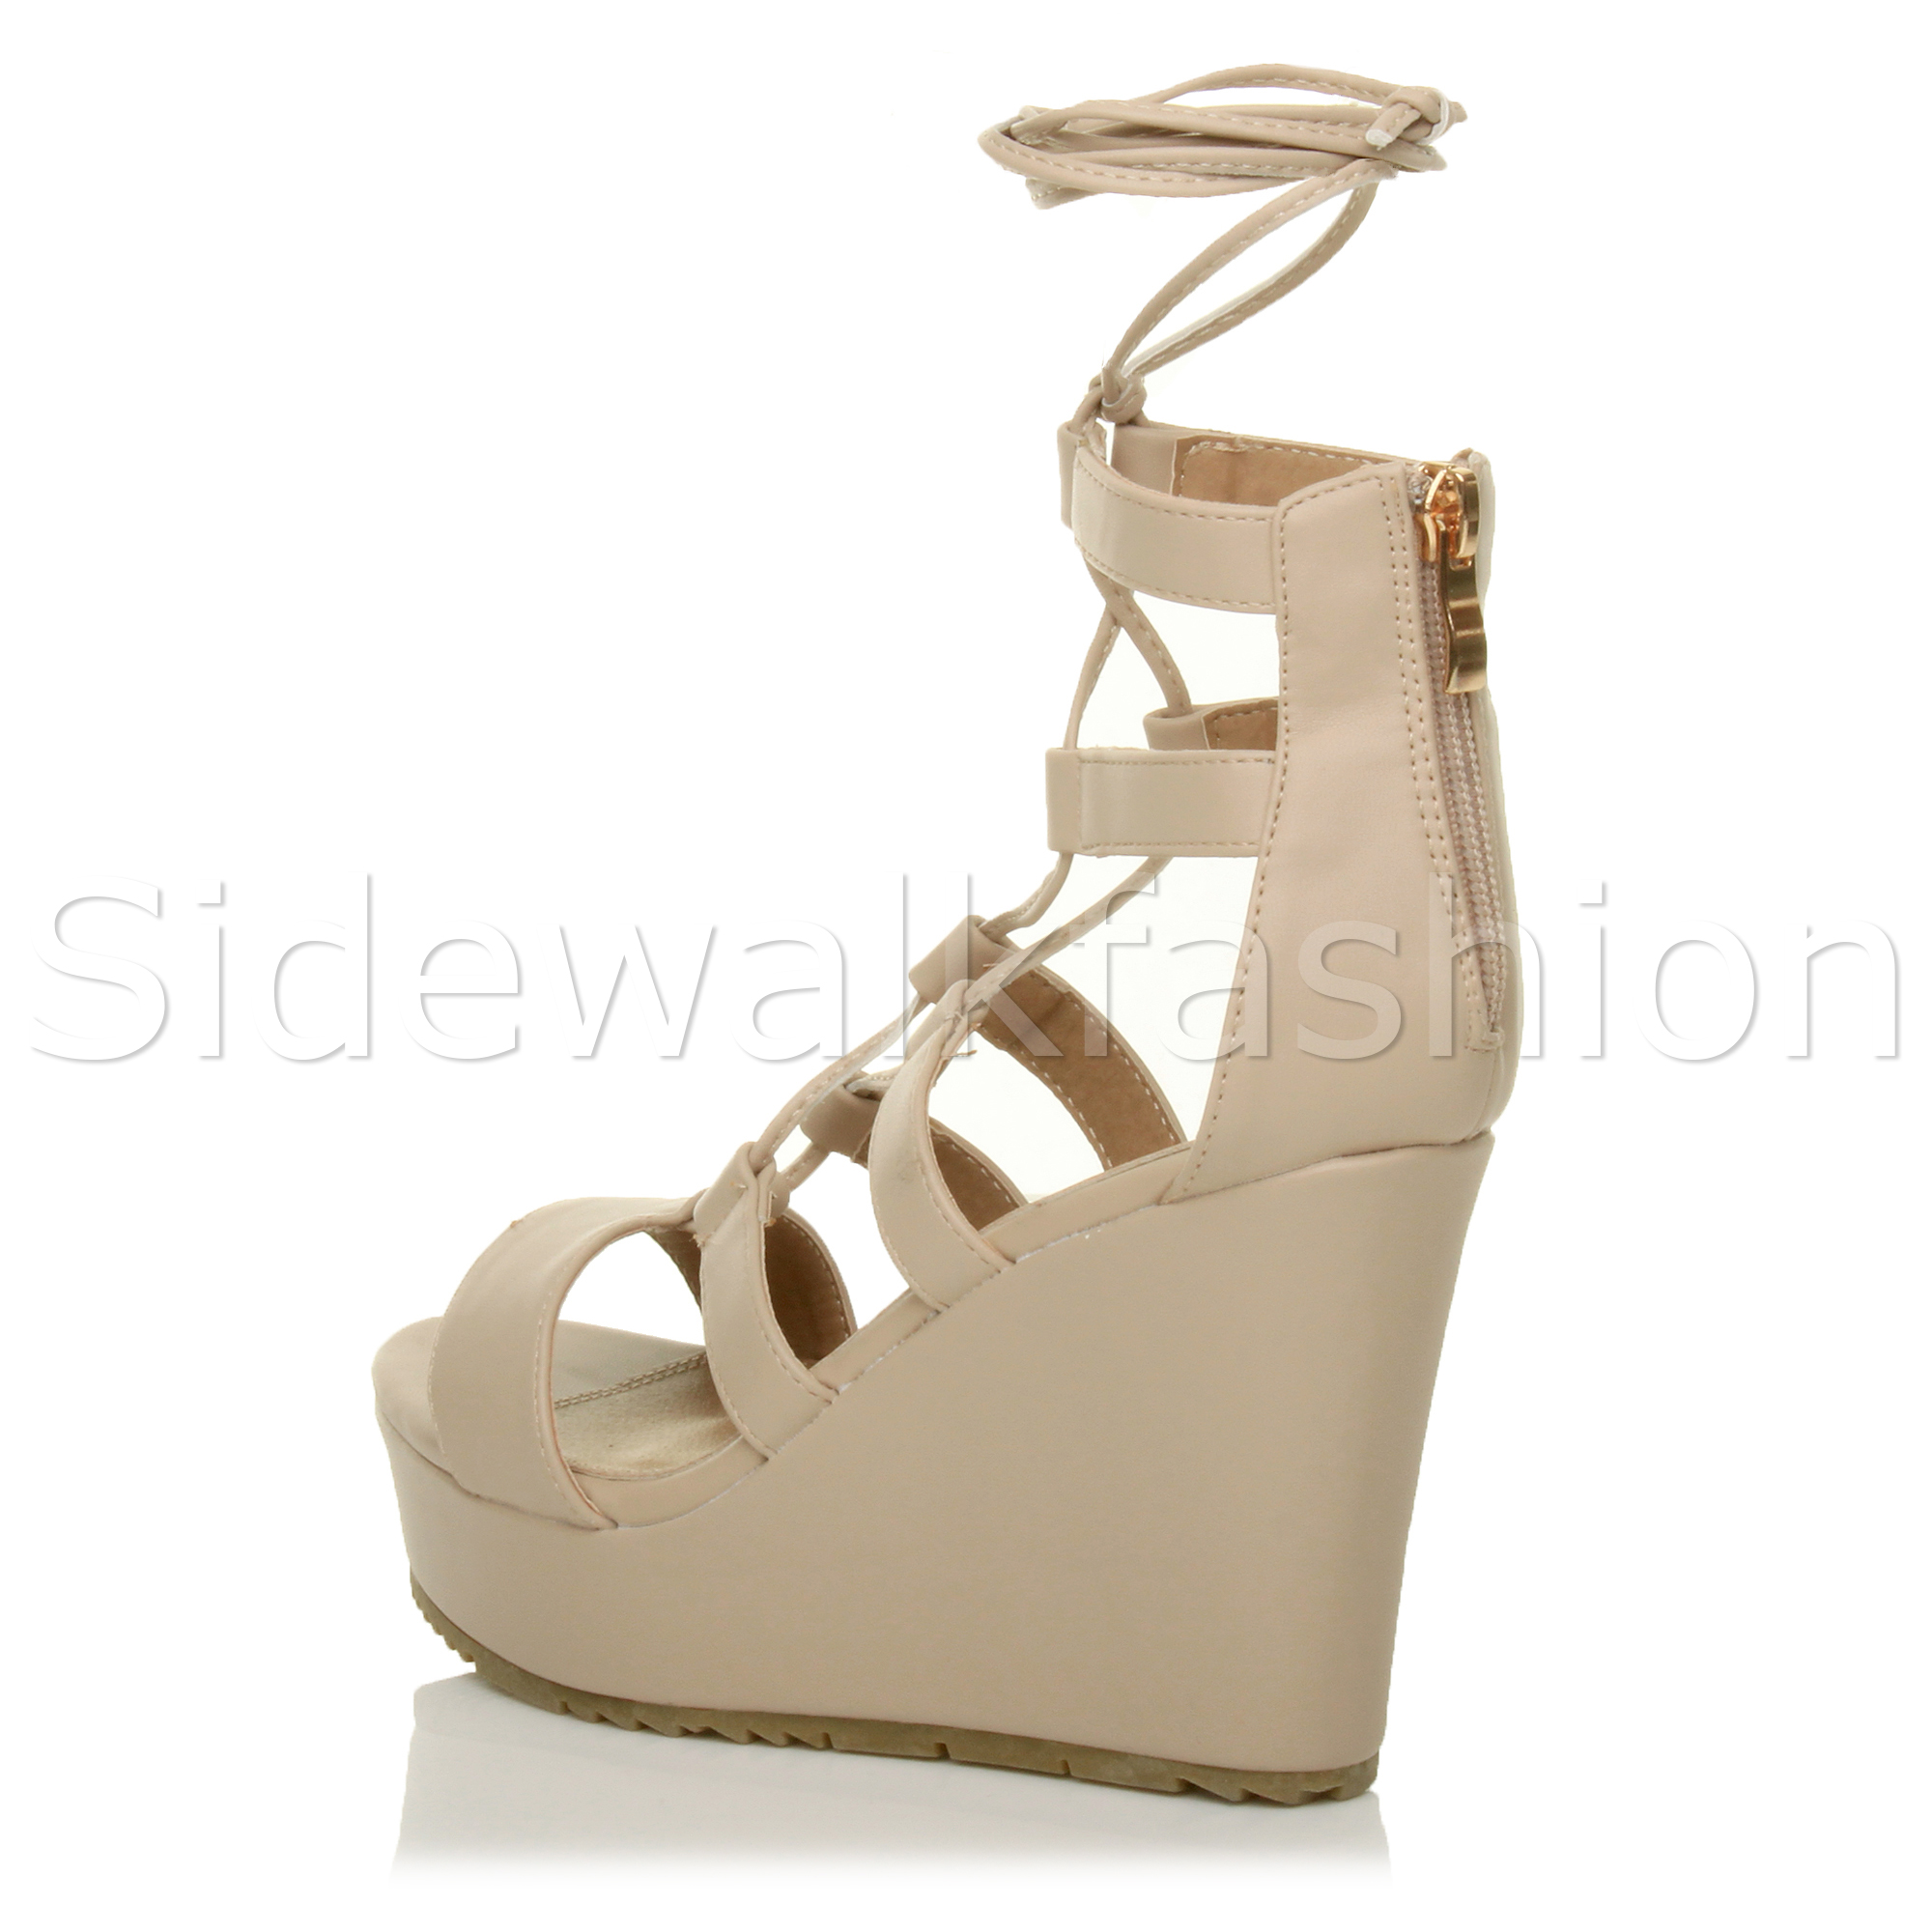 Chaussures Femme Escarpins Femme Plateforme Talon Haut Compensé Lacets Wrap Around Caged Sandales Taille